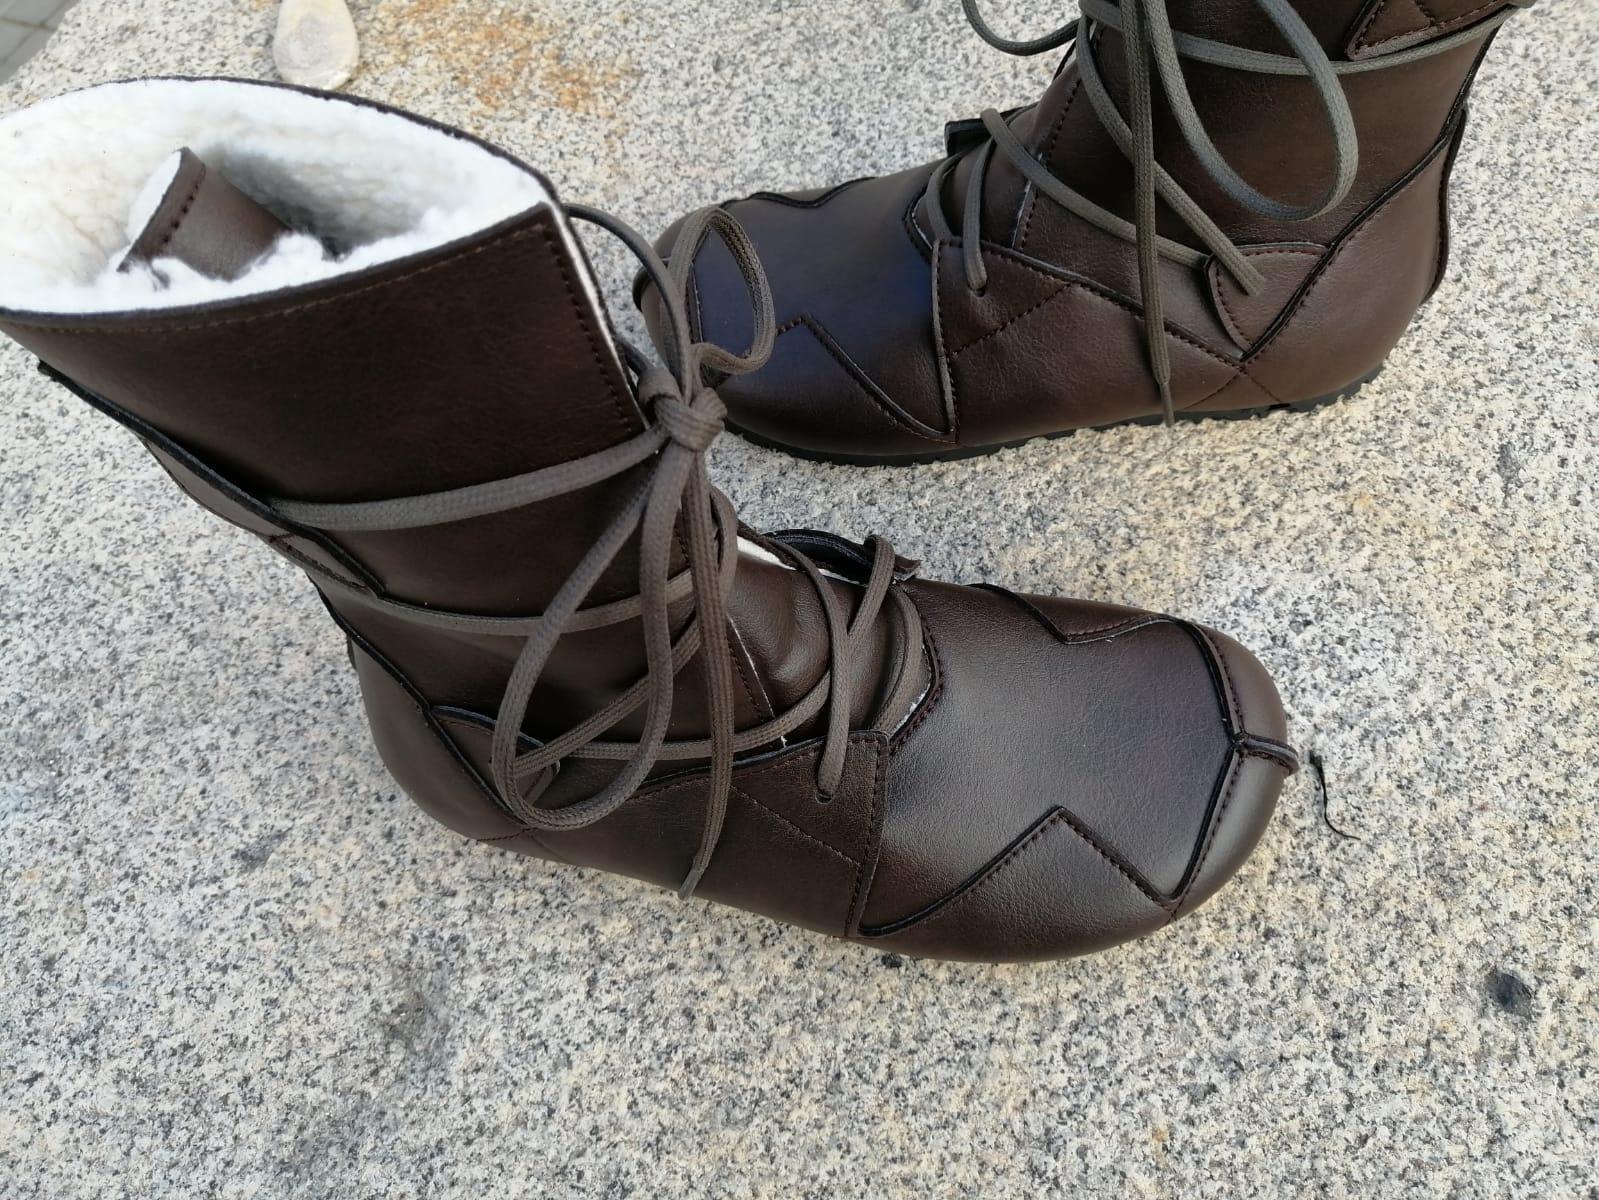 BOSQUE marrón oscuro con forro blanco tipo borrego, fake wool Envío Gratis, Botas Veganas, Botines Veganos, Zapatos de Invierno, Botas de Encaje